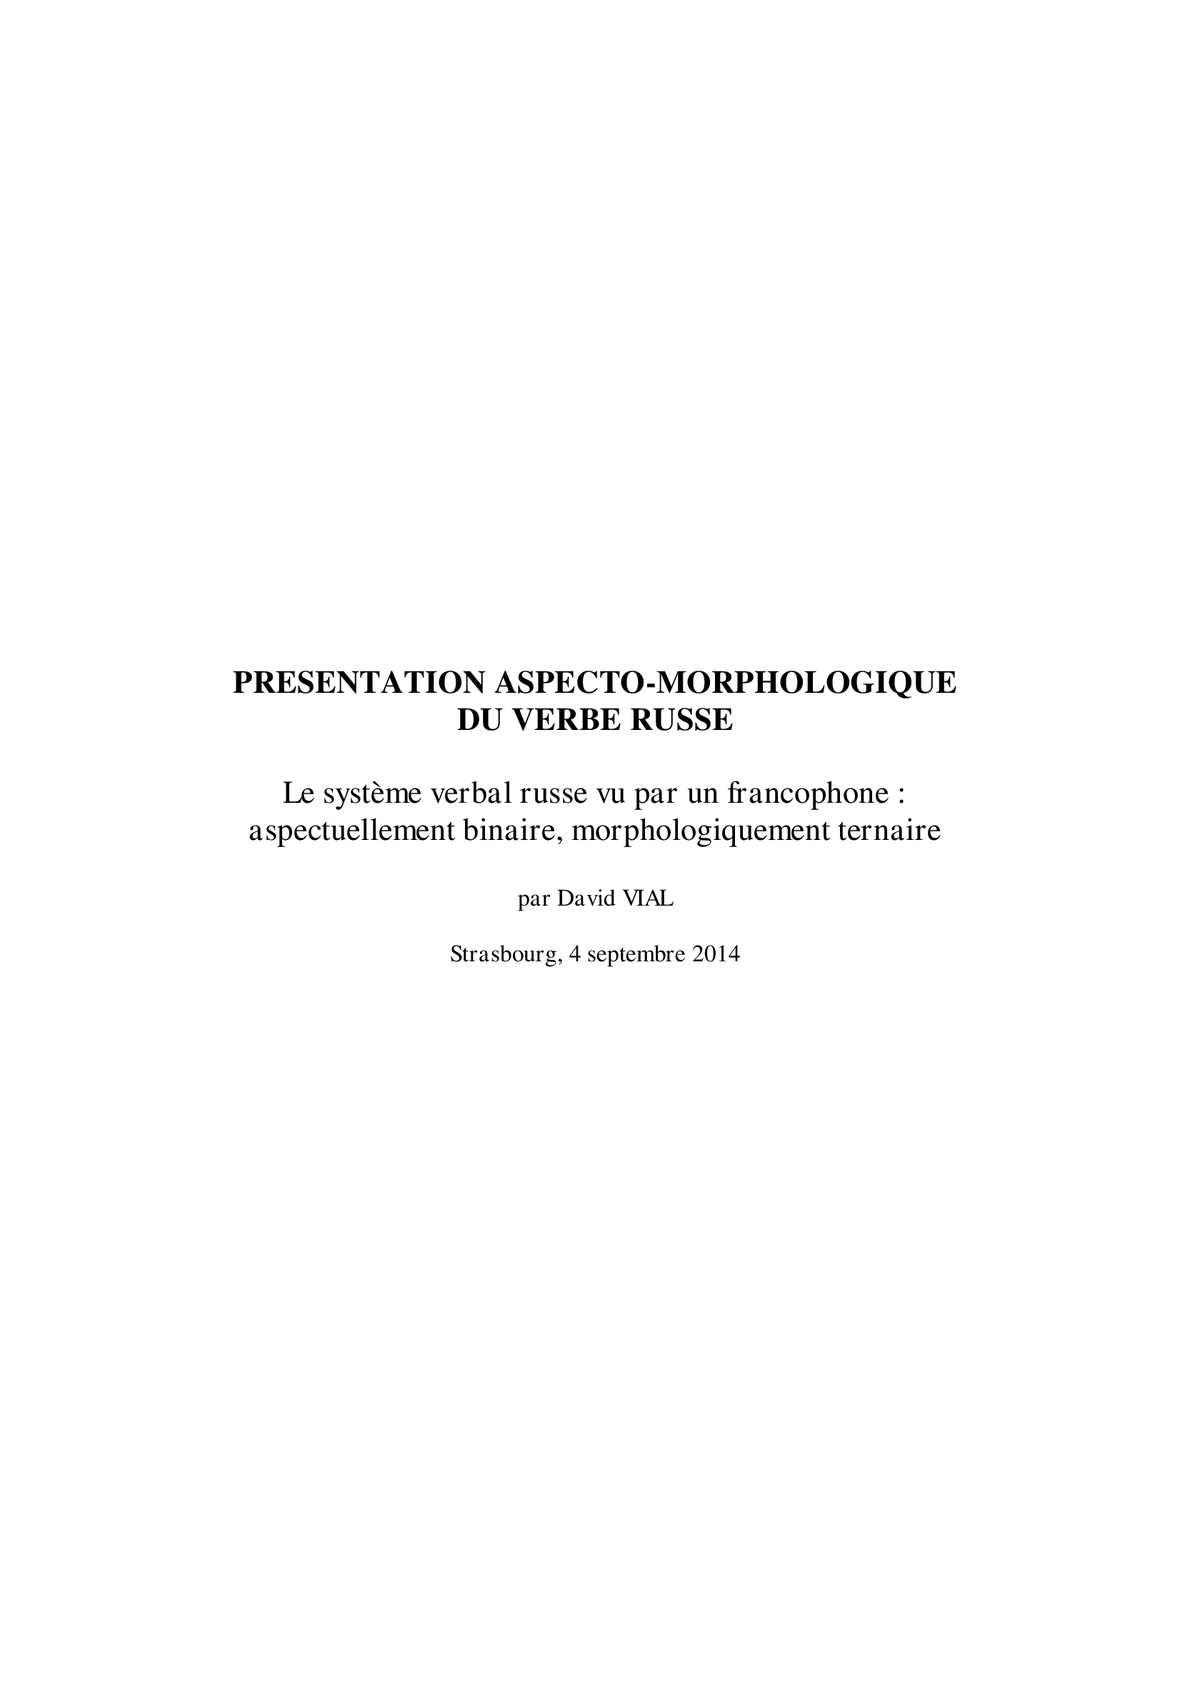 Calameo Presentation Aspecto Morphologique Du Verbe Russe En Cours De Redaction